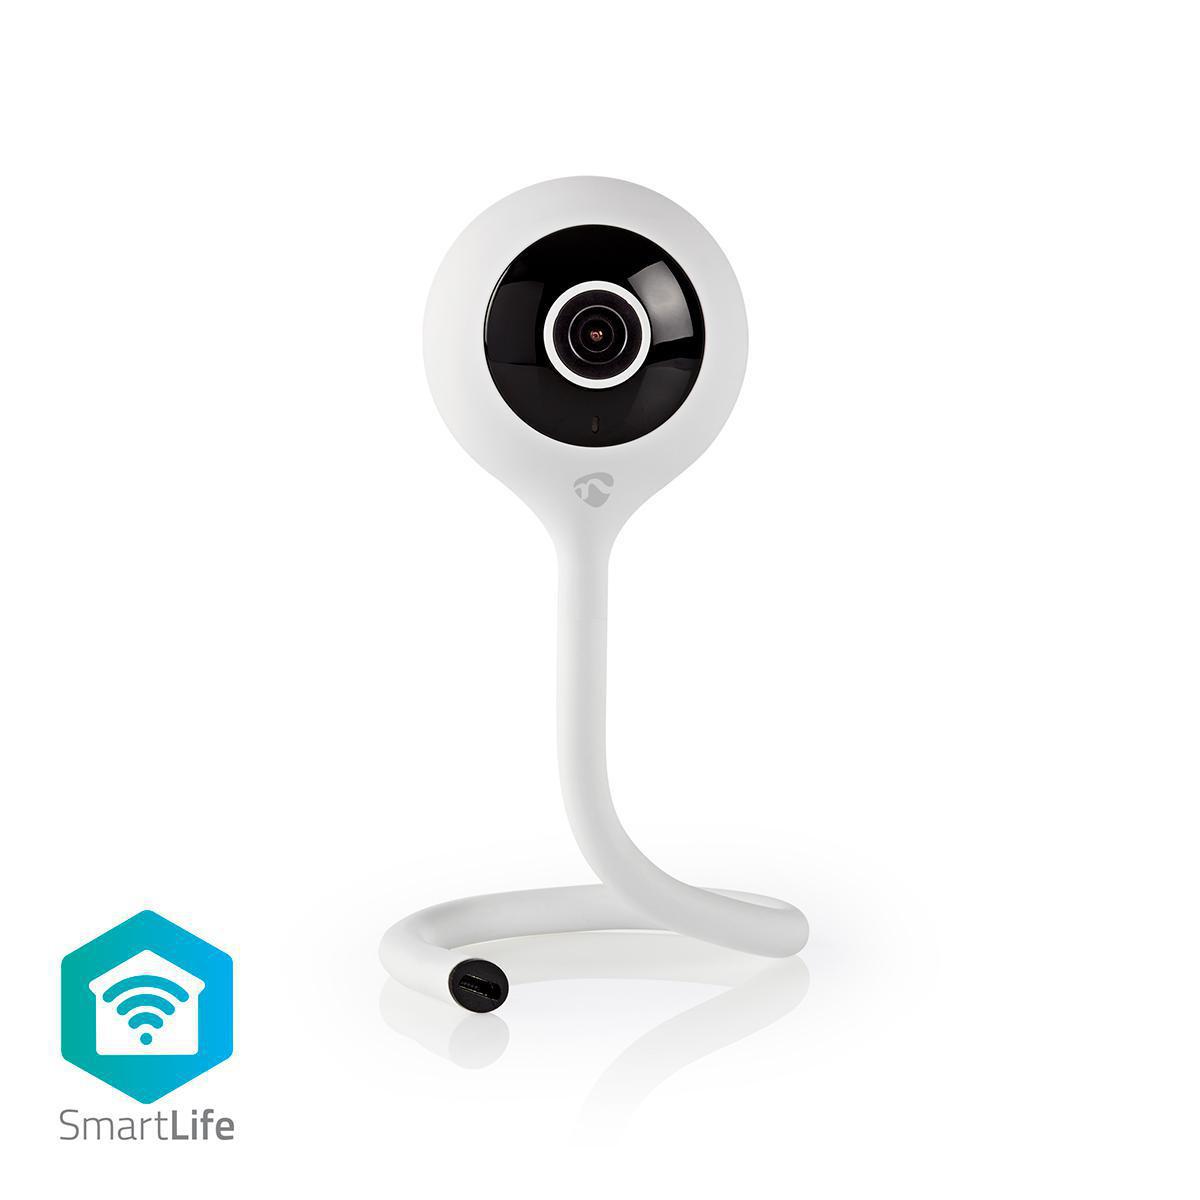 Esta câmera IP Smart Home é uma adição importante a qualquer sistema doméstico inteligente, está diretamente conectada à sua rede Wi-Fi doméstica - não é necessário um hub adicional - e é ativada por todos os movimentos e sons da sala. O sensor climático